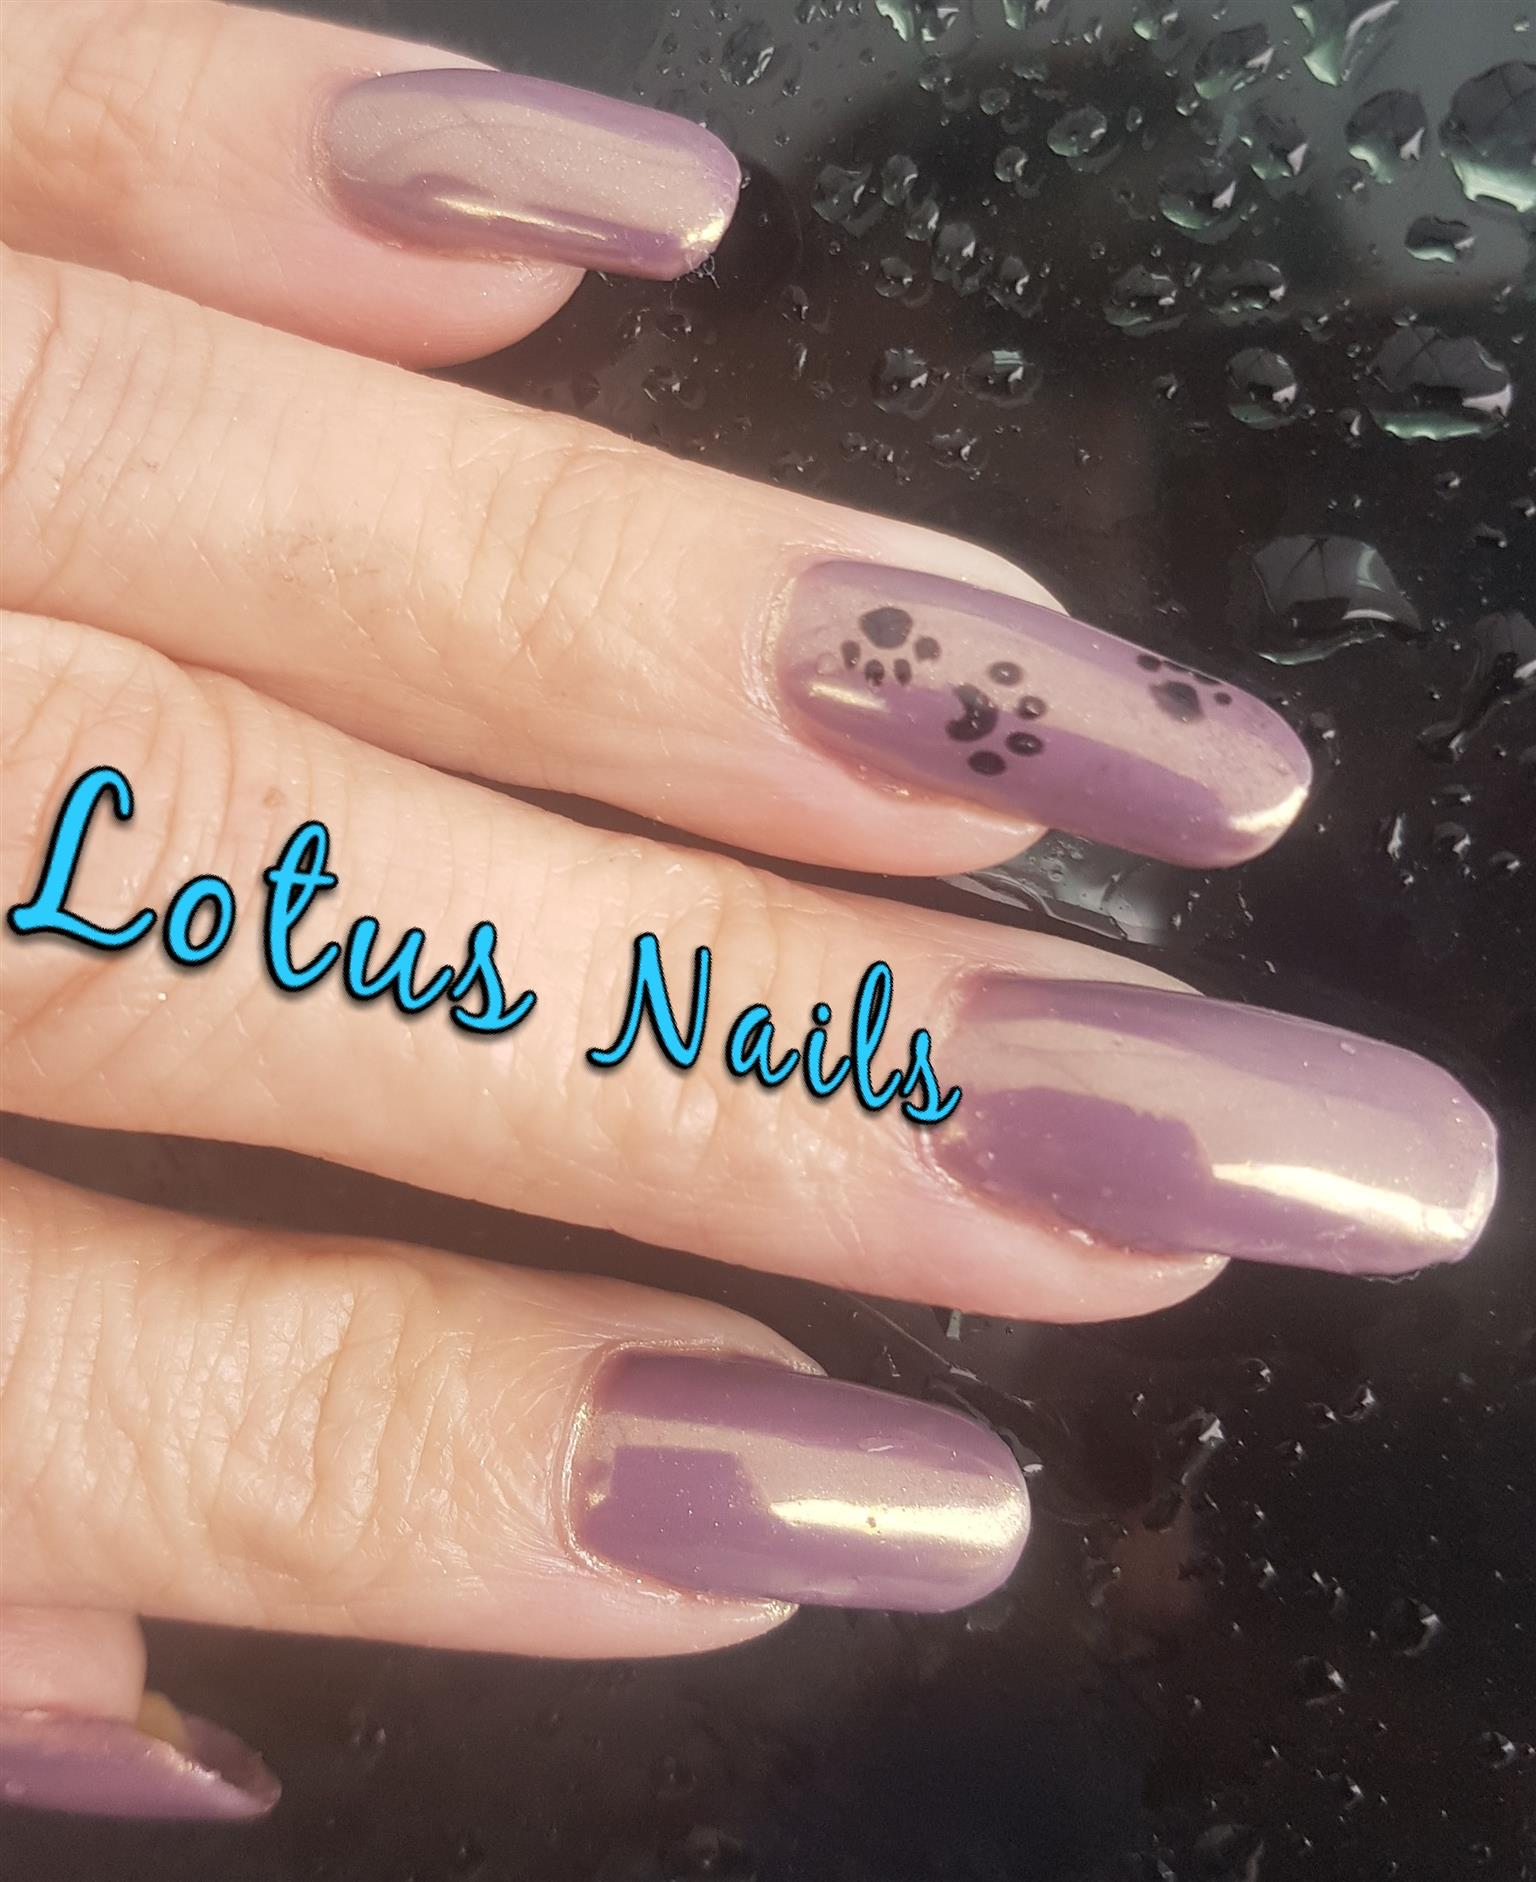 Alberton Lotus nails Acrylic gel and gel polish - nails and toes ...